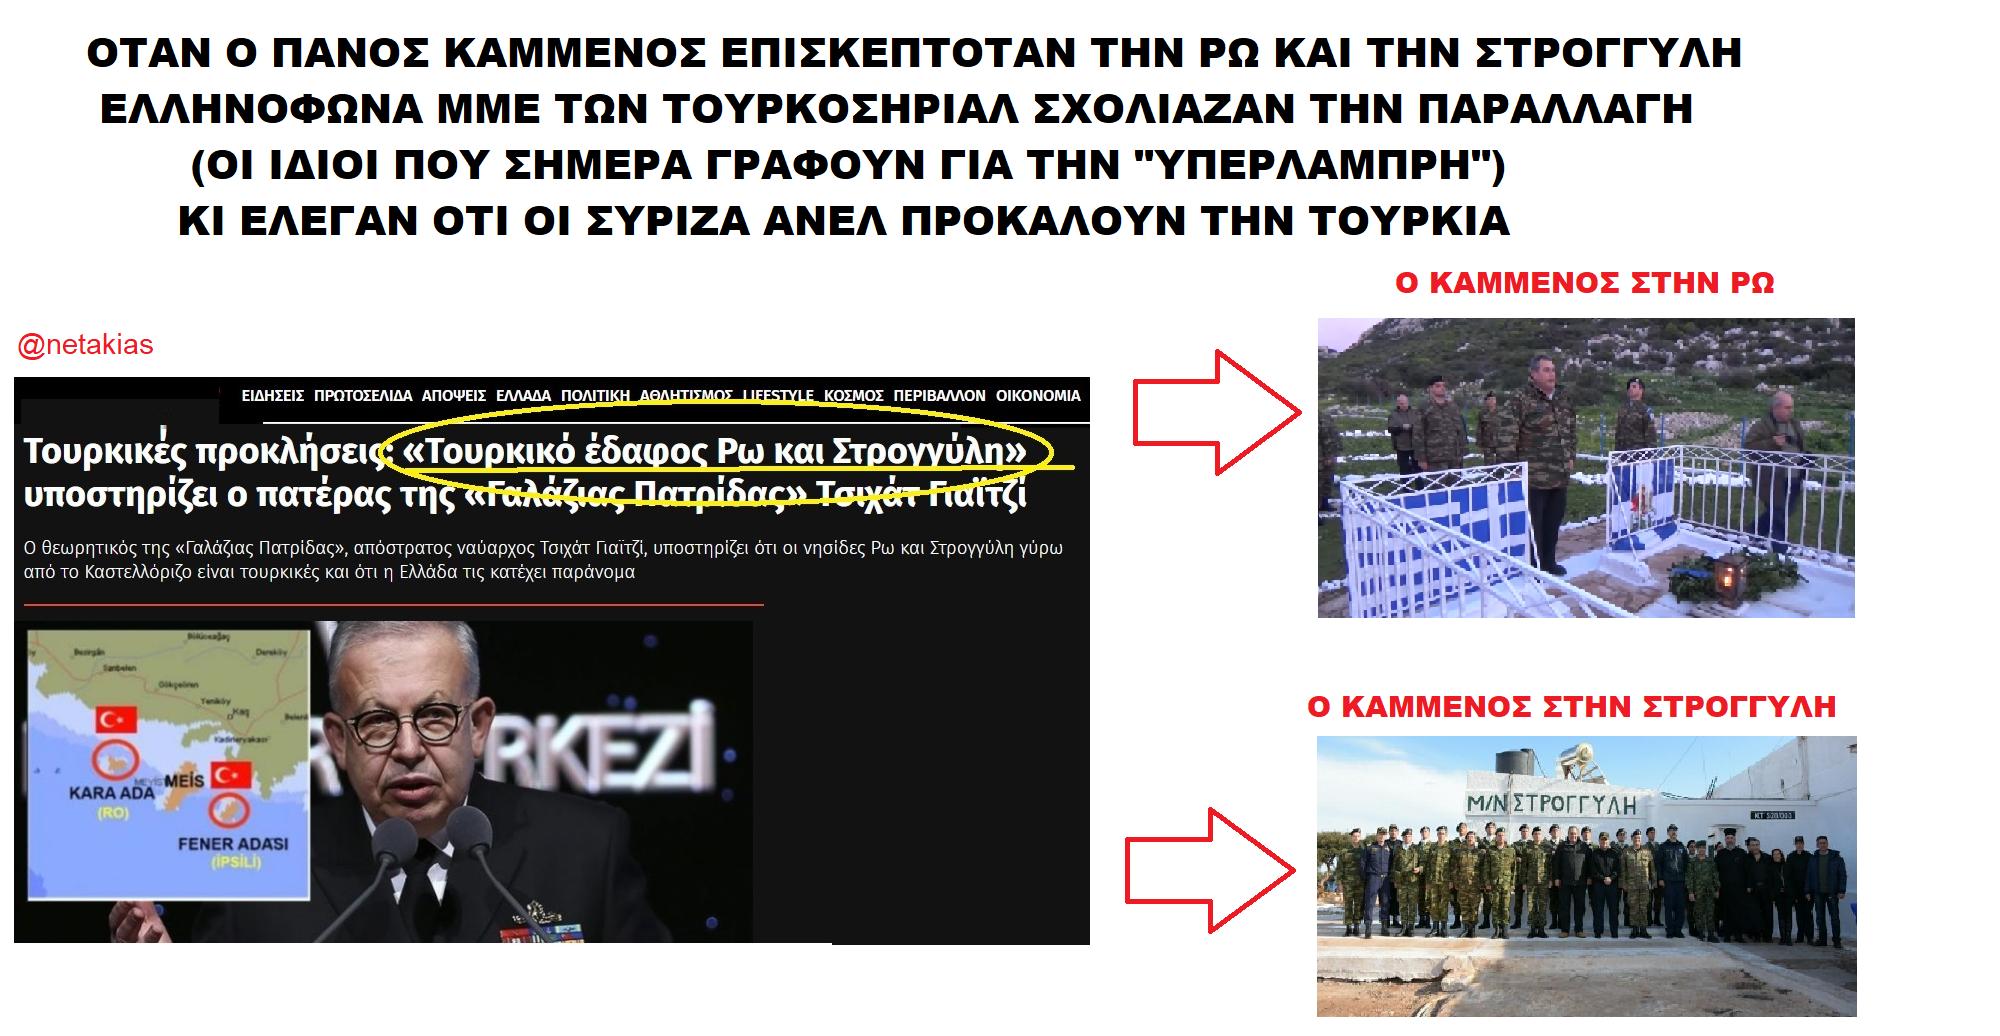 """Όταν ο Πάνος Καμμένος επισκεπτόταν Ρω και Στρογγύλη κάποιοι ελληνόφωνοι έλεγαν """"προκαλεί την Τουρκία"""""""